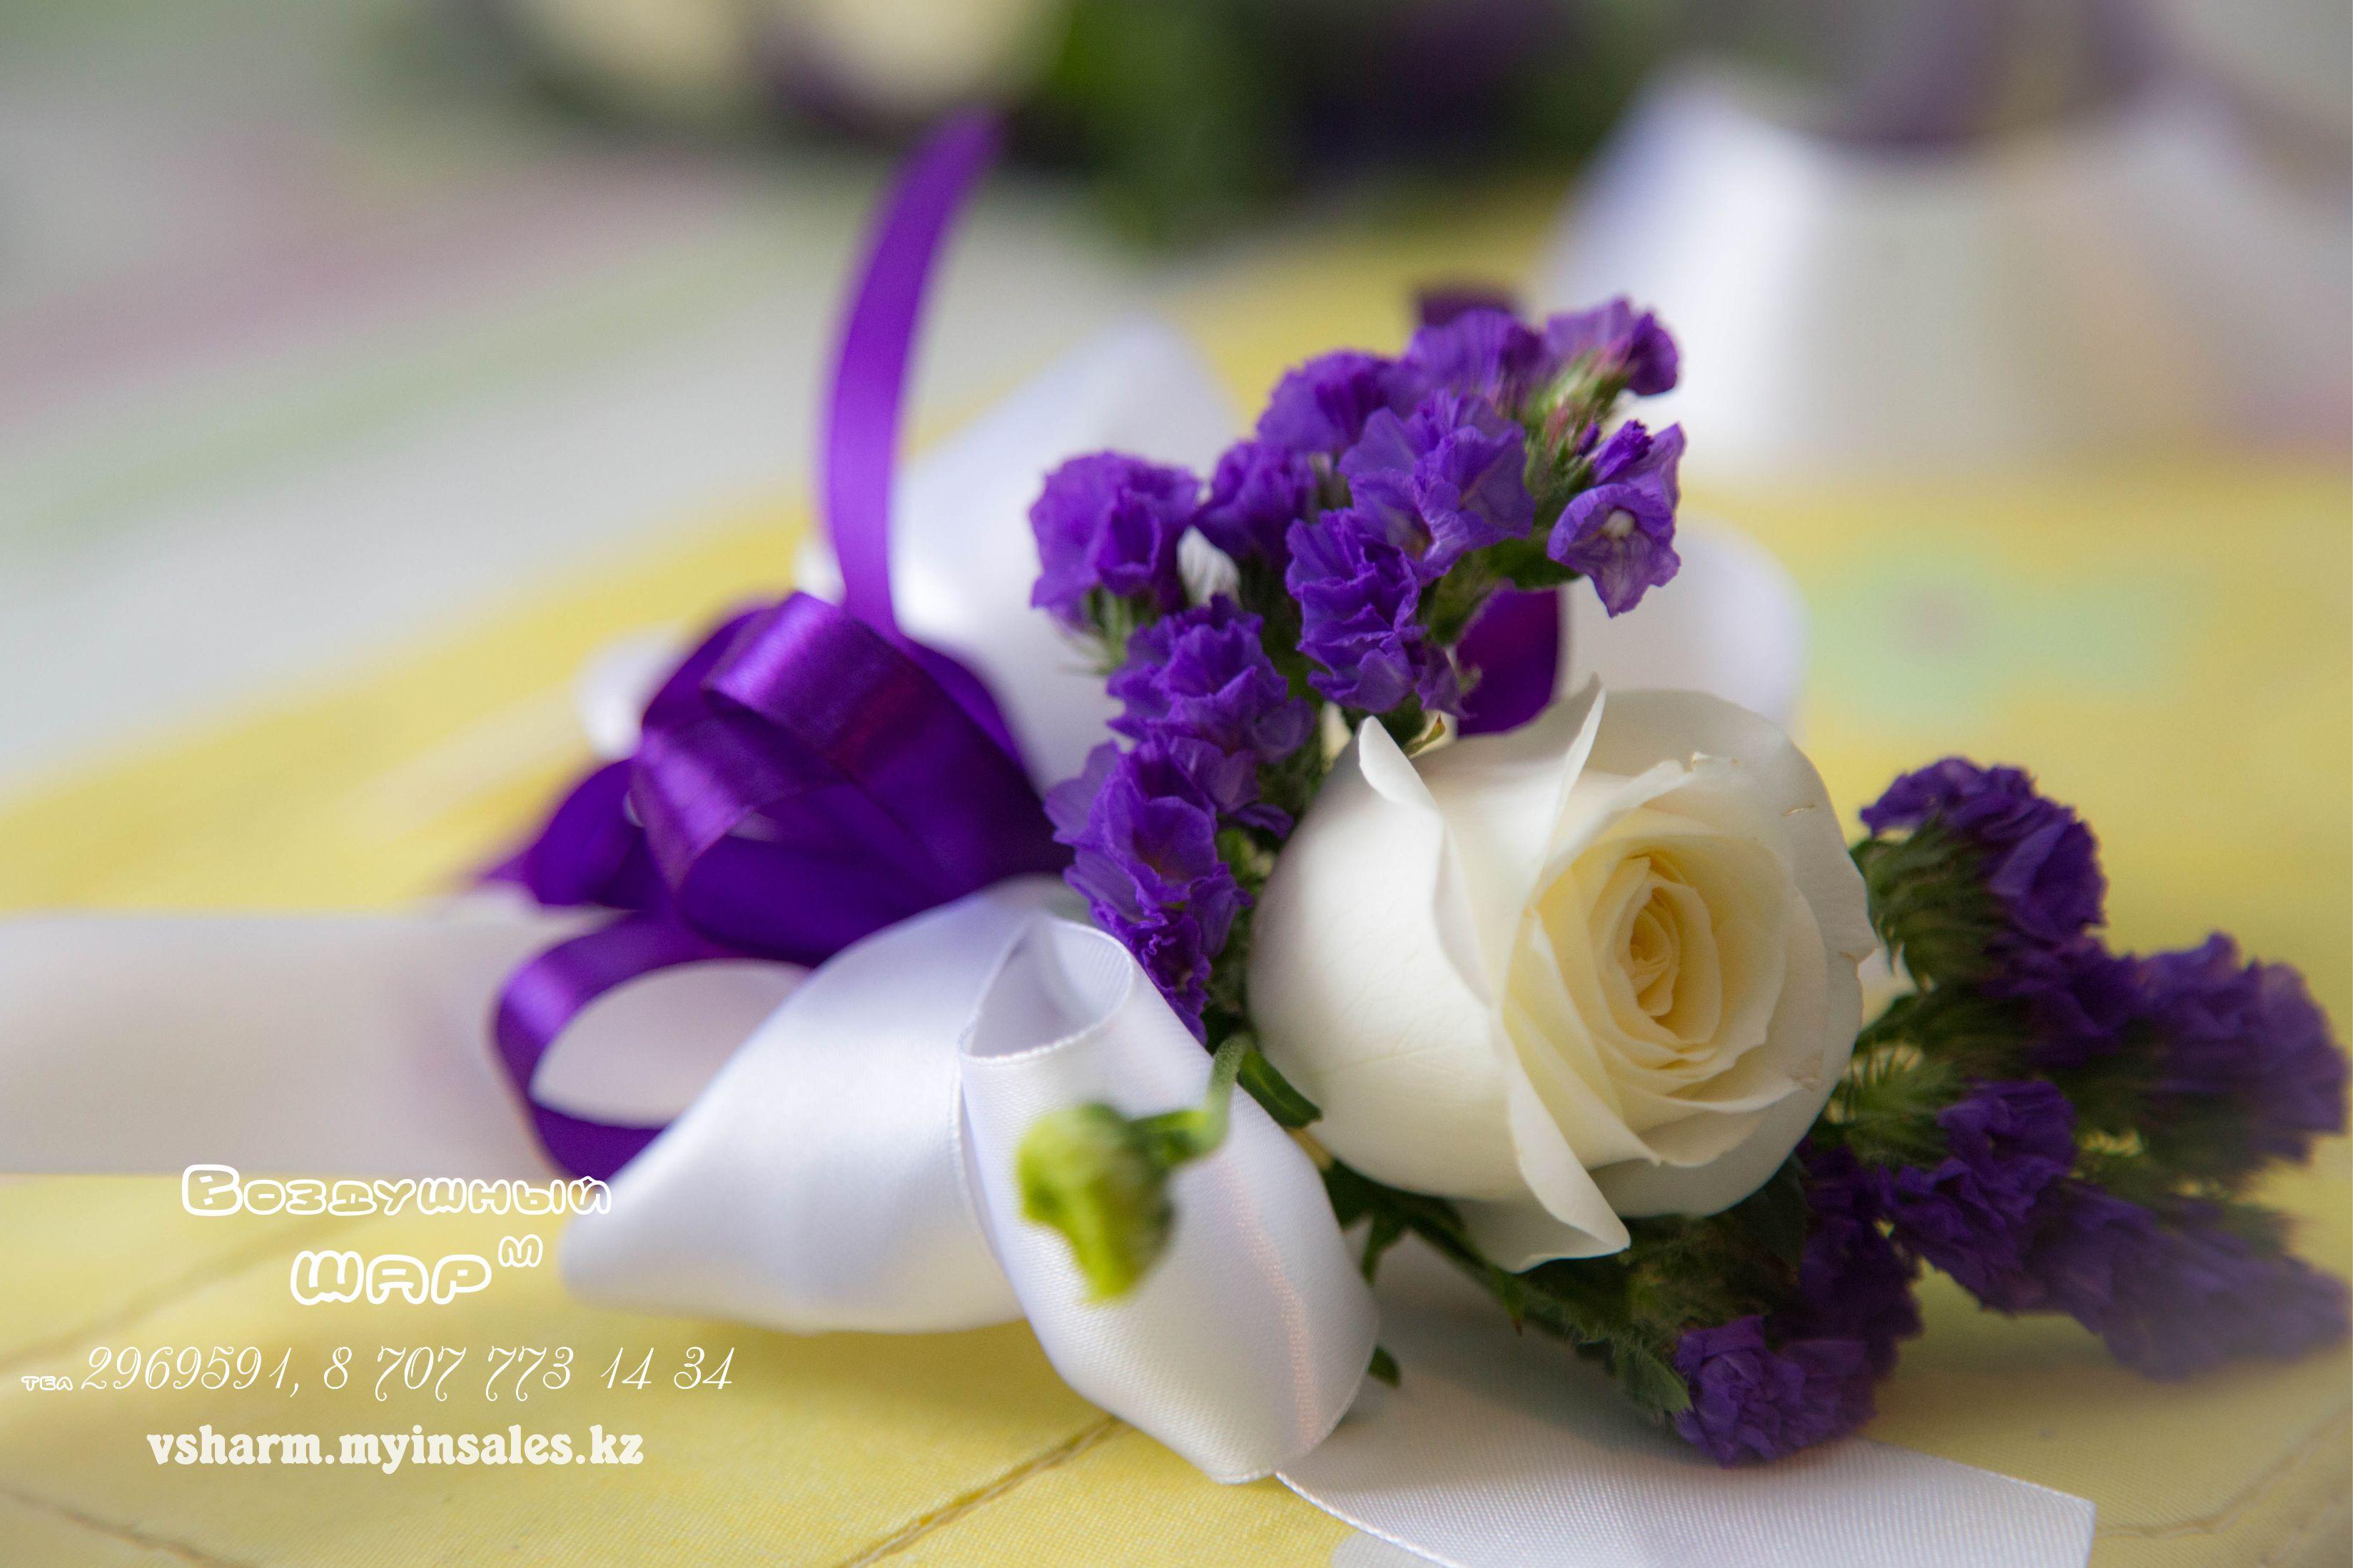 браслетик_на_ручку_подружке_невесты.jpg